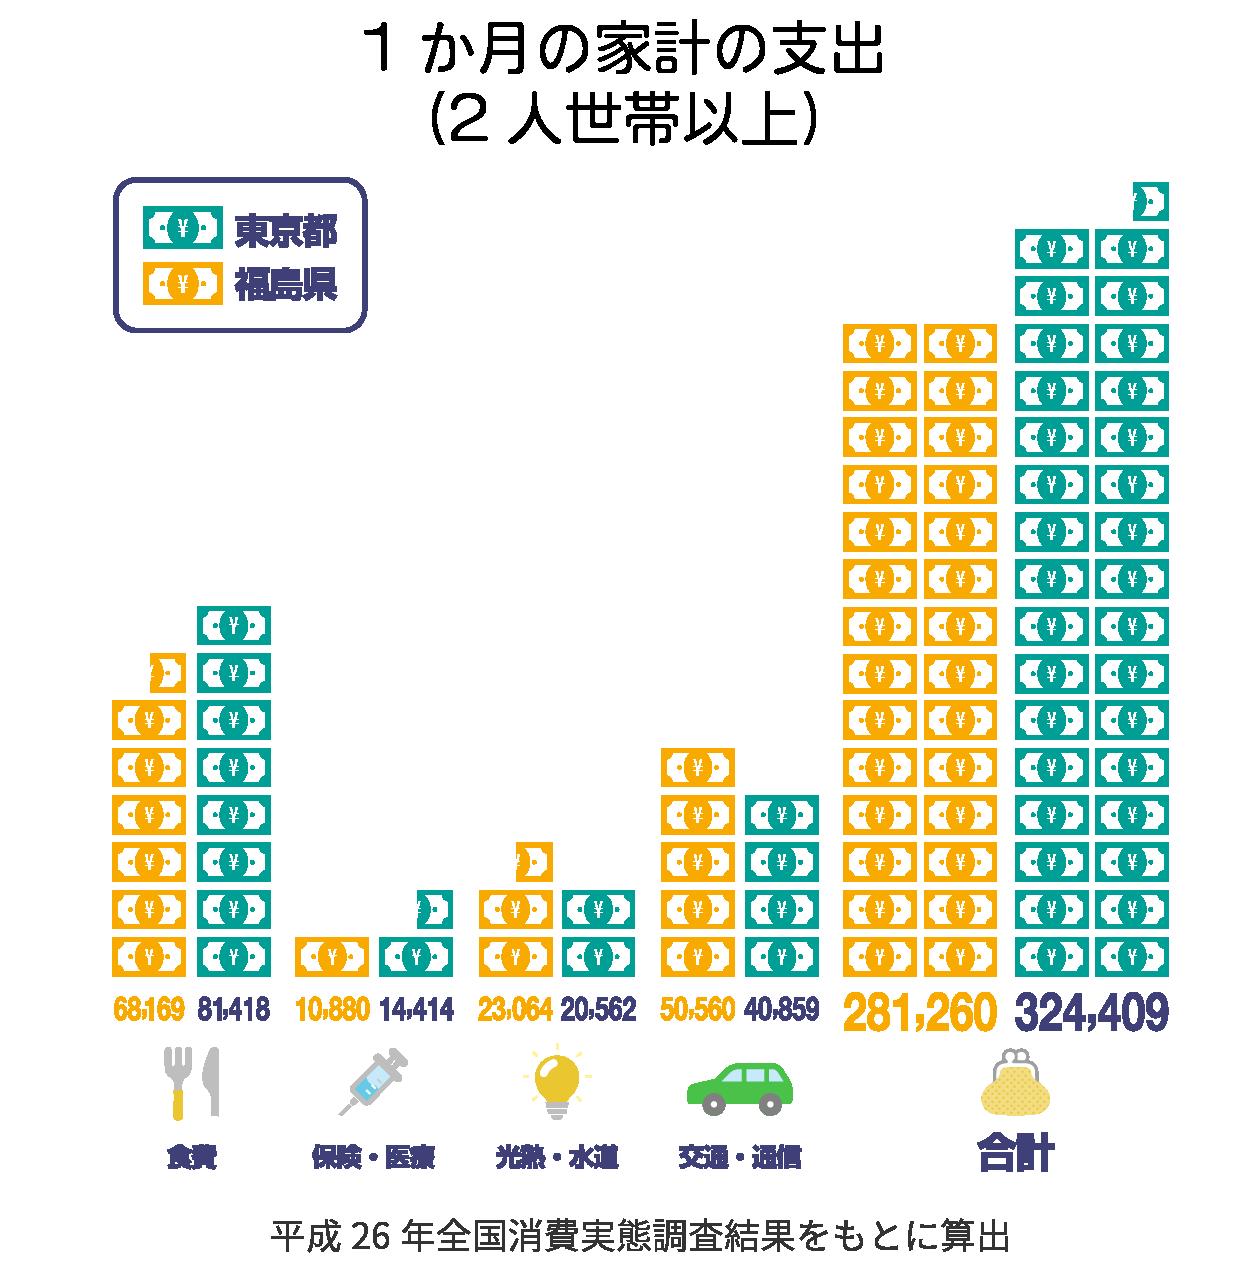 1か月の家計の支出(2人世帯以上)